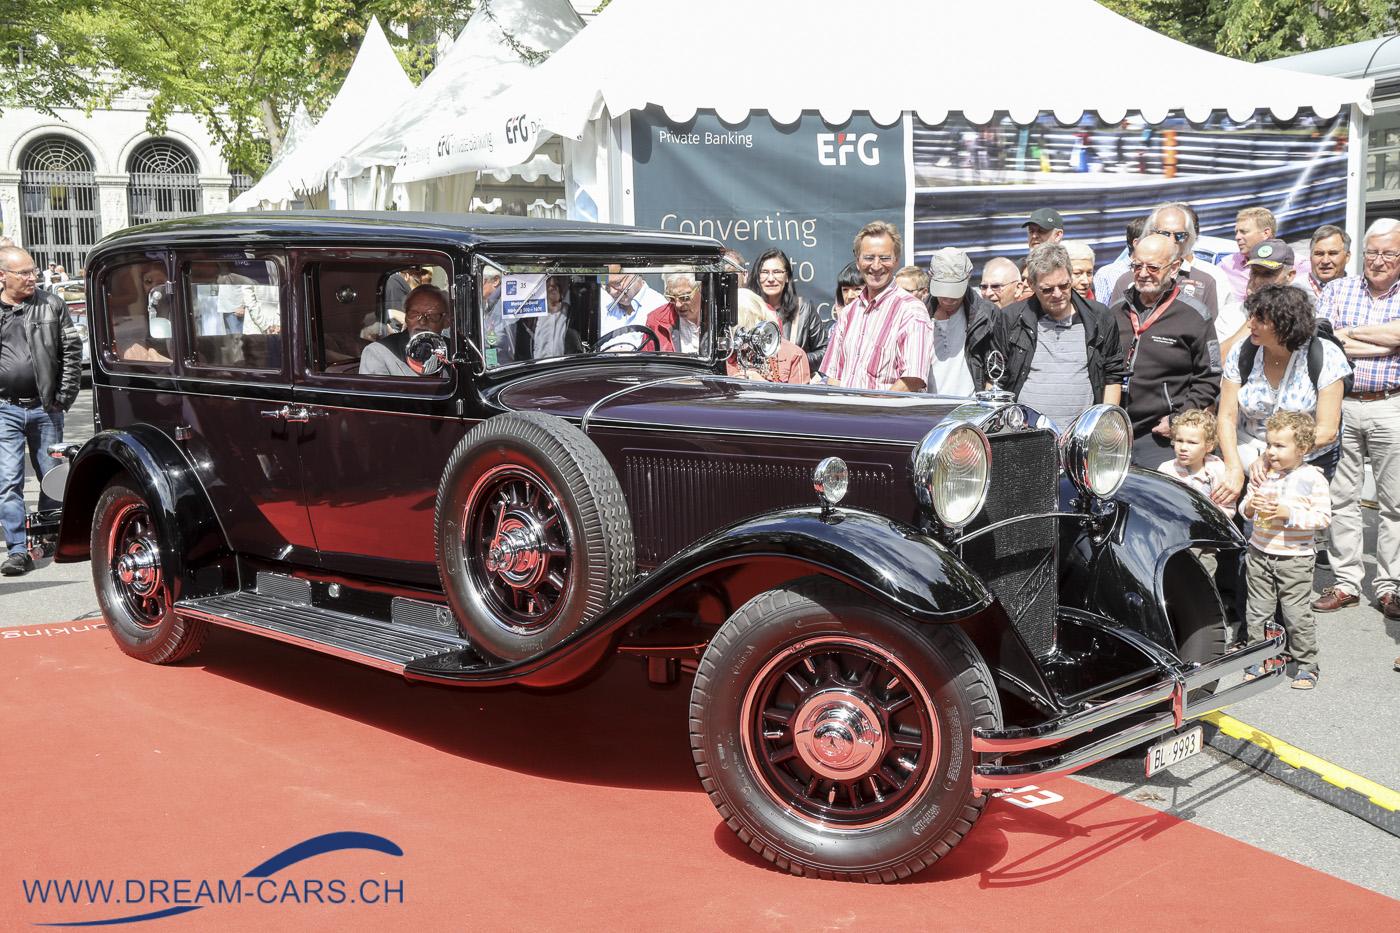 ZCCA, Zurich Classic Car Award auf dem Bürkliplatz in Zürich, 21. August 2019. Sicher das grösste Auto auf dem Bürkliplatz, der Mercedes-Benz Nürburg 500